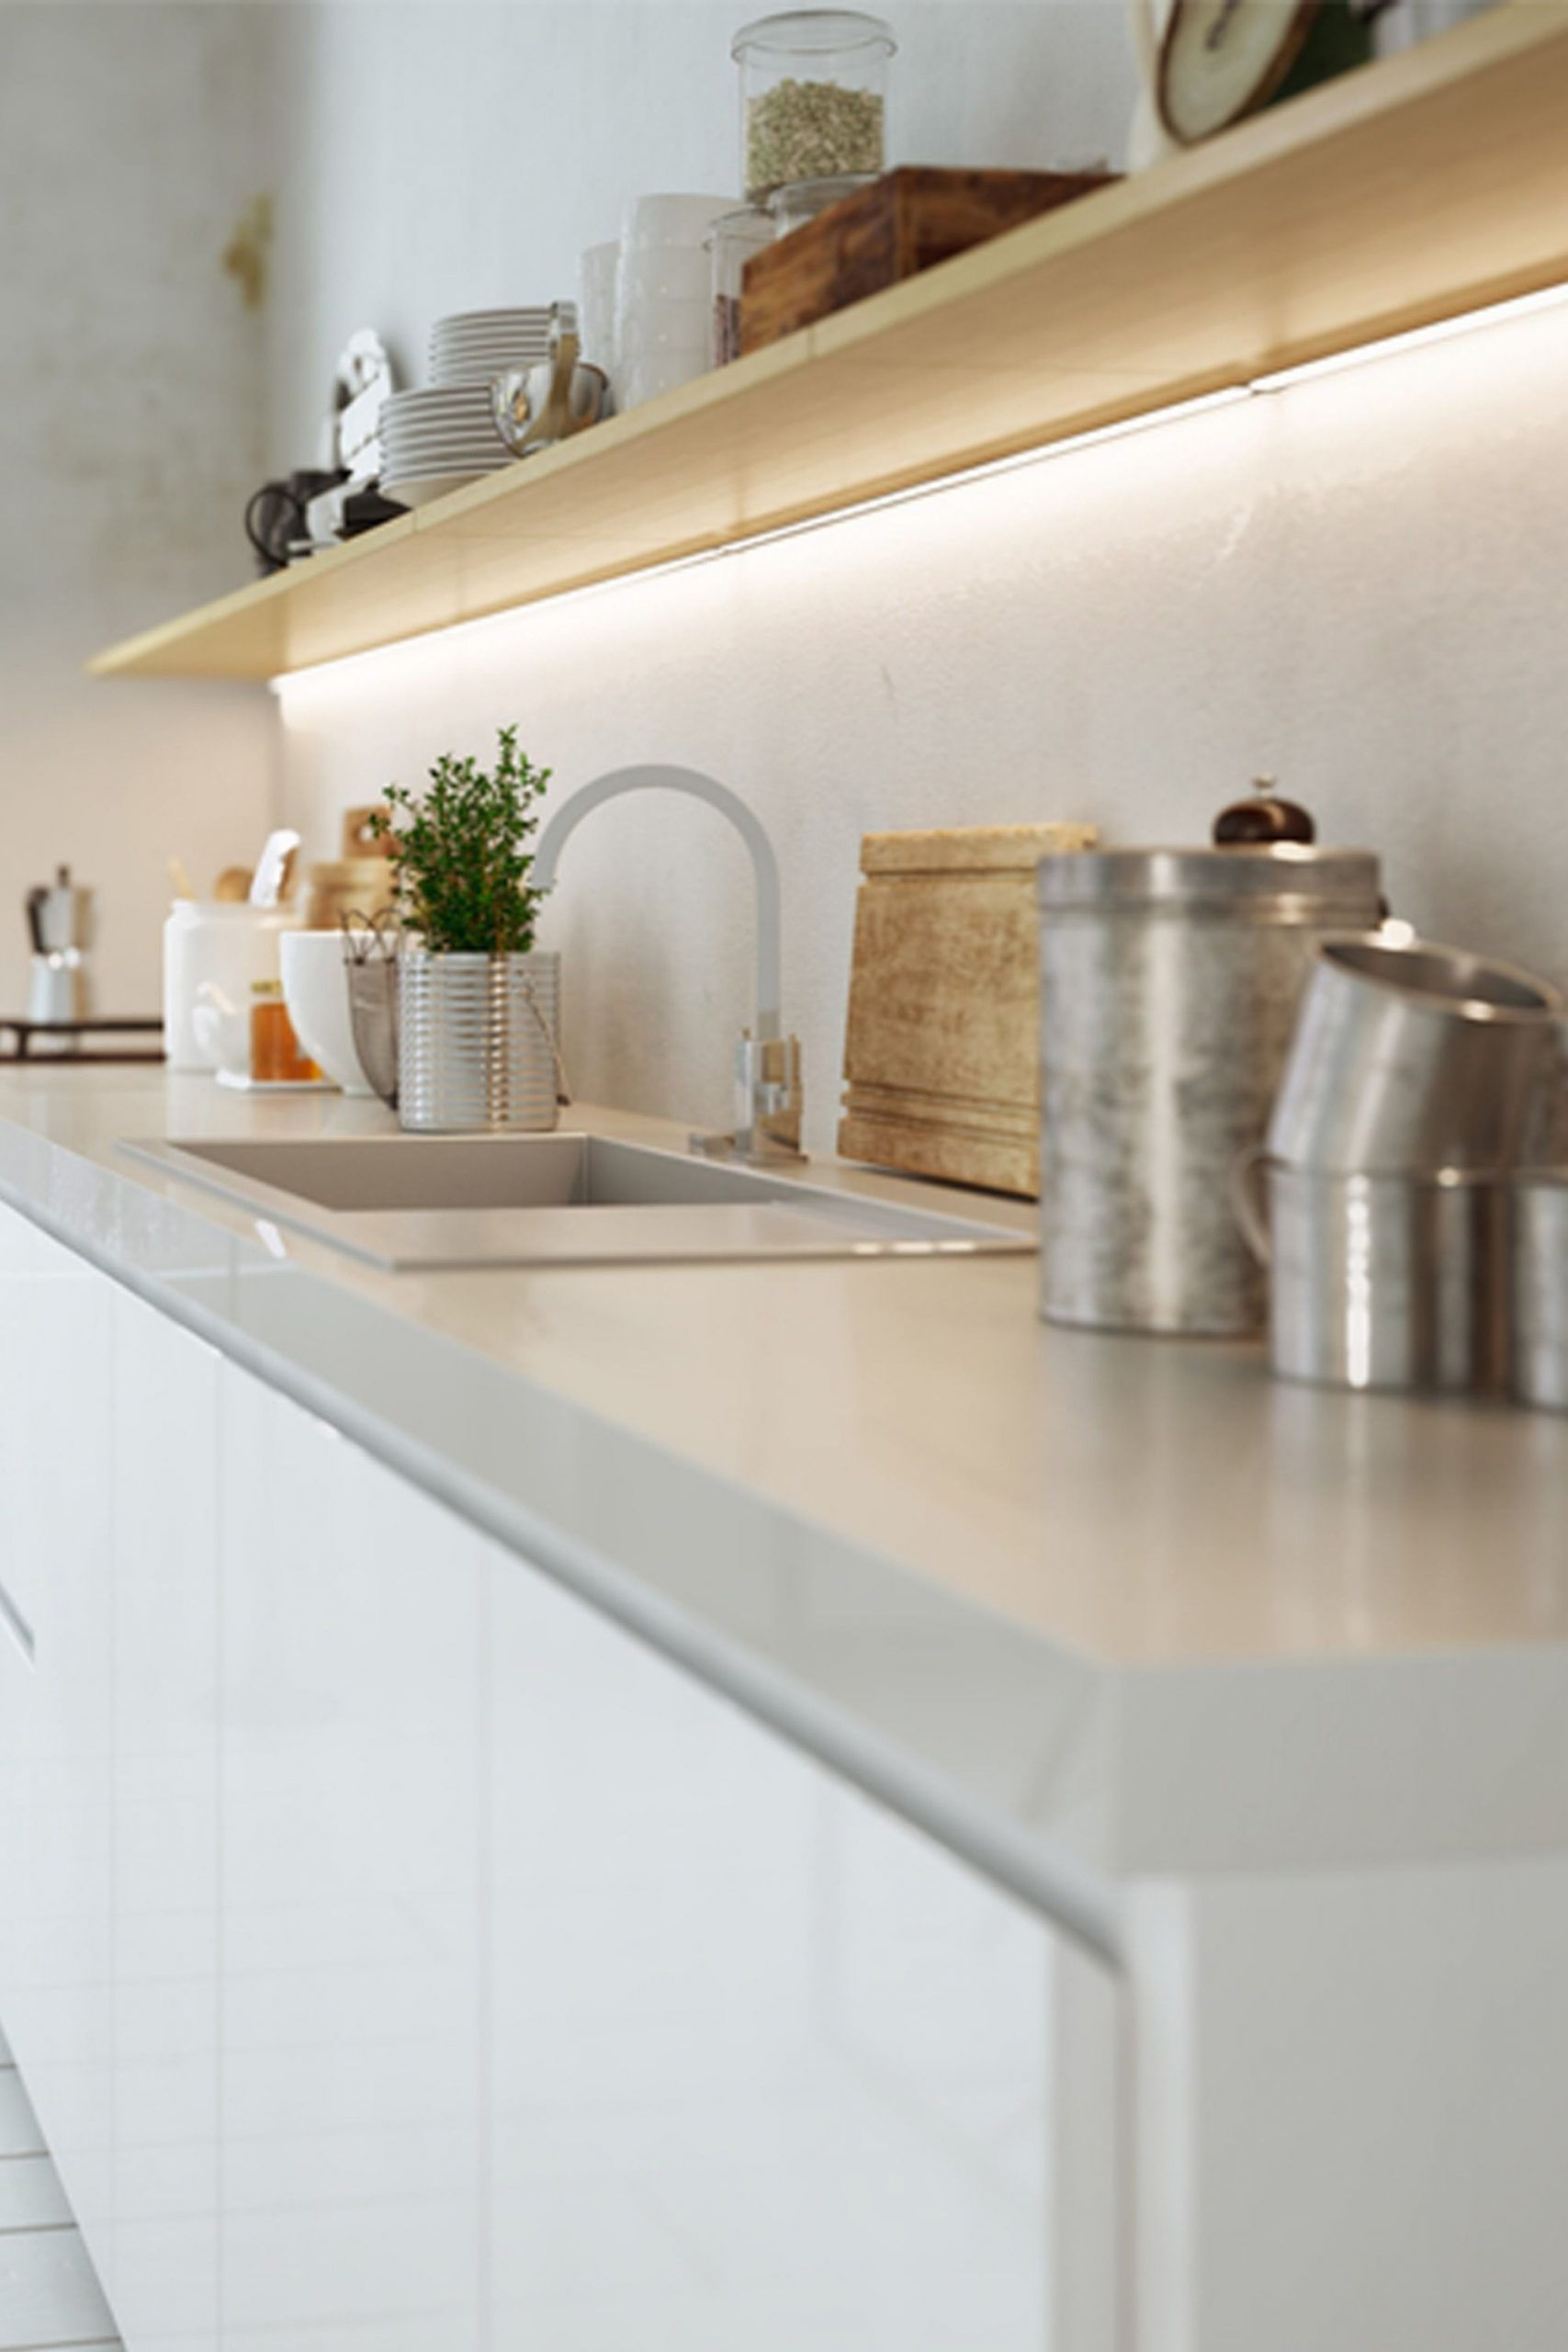 Stripeled Unterbau Lichtleiste Fur Die Kuche In 2020 Kitchen Interior Cosy Kitchen Home Decor Shelves